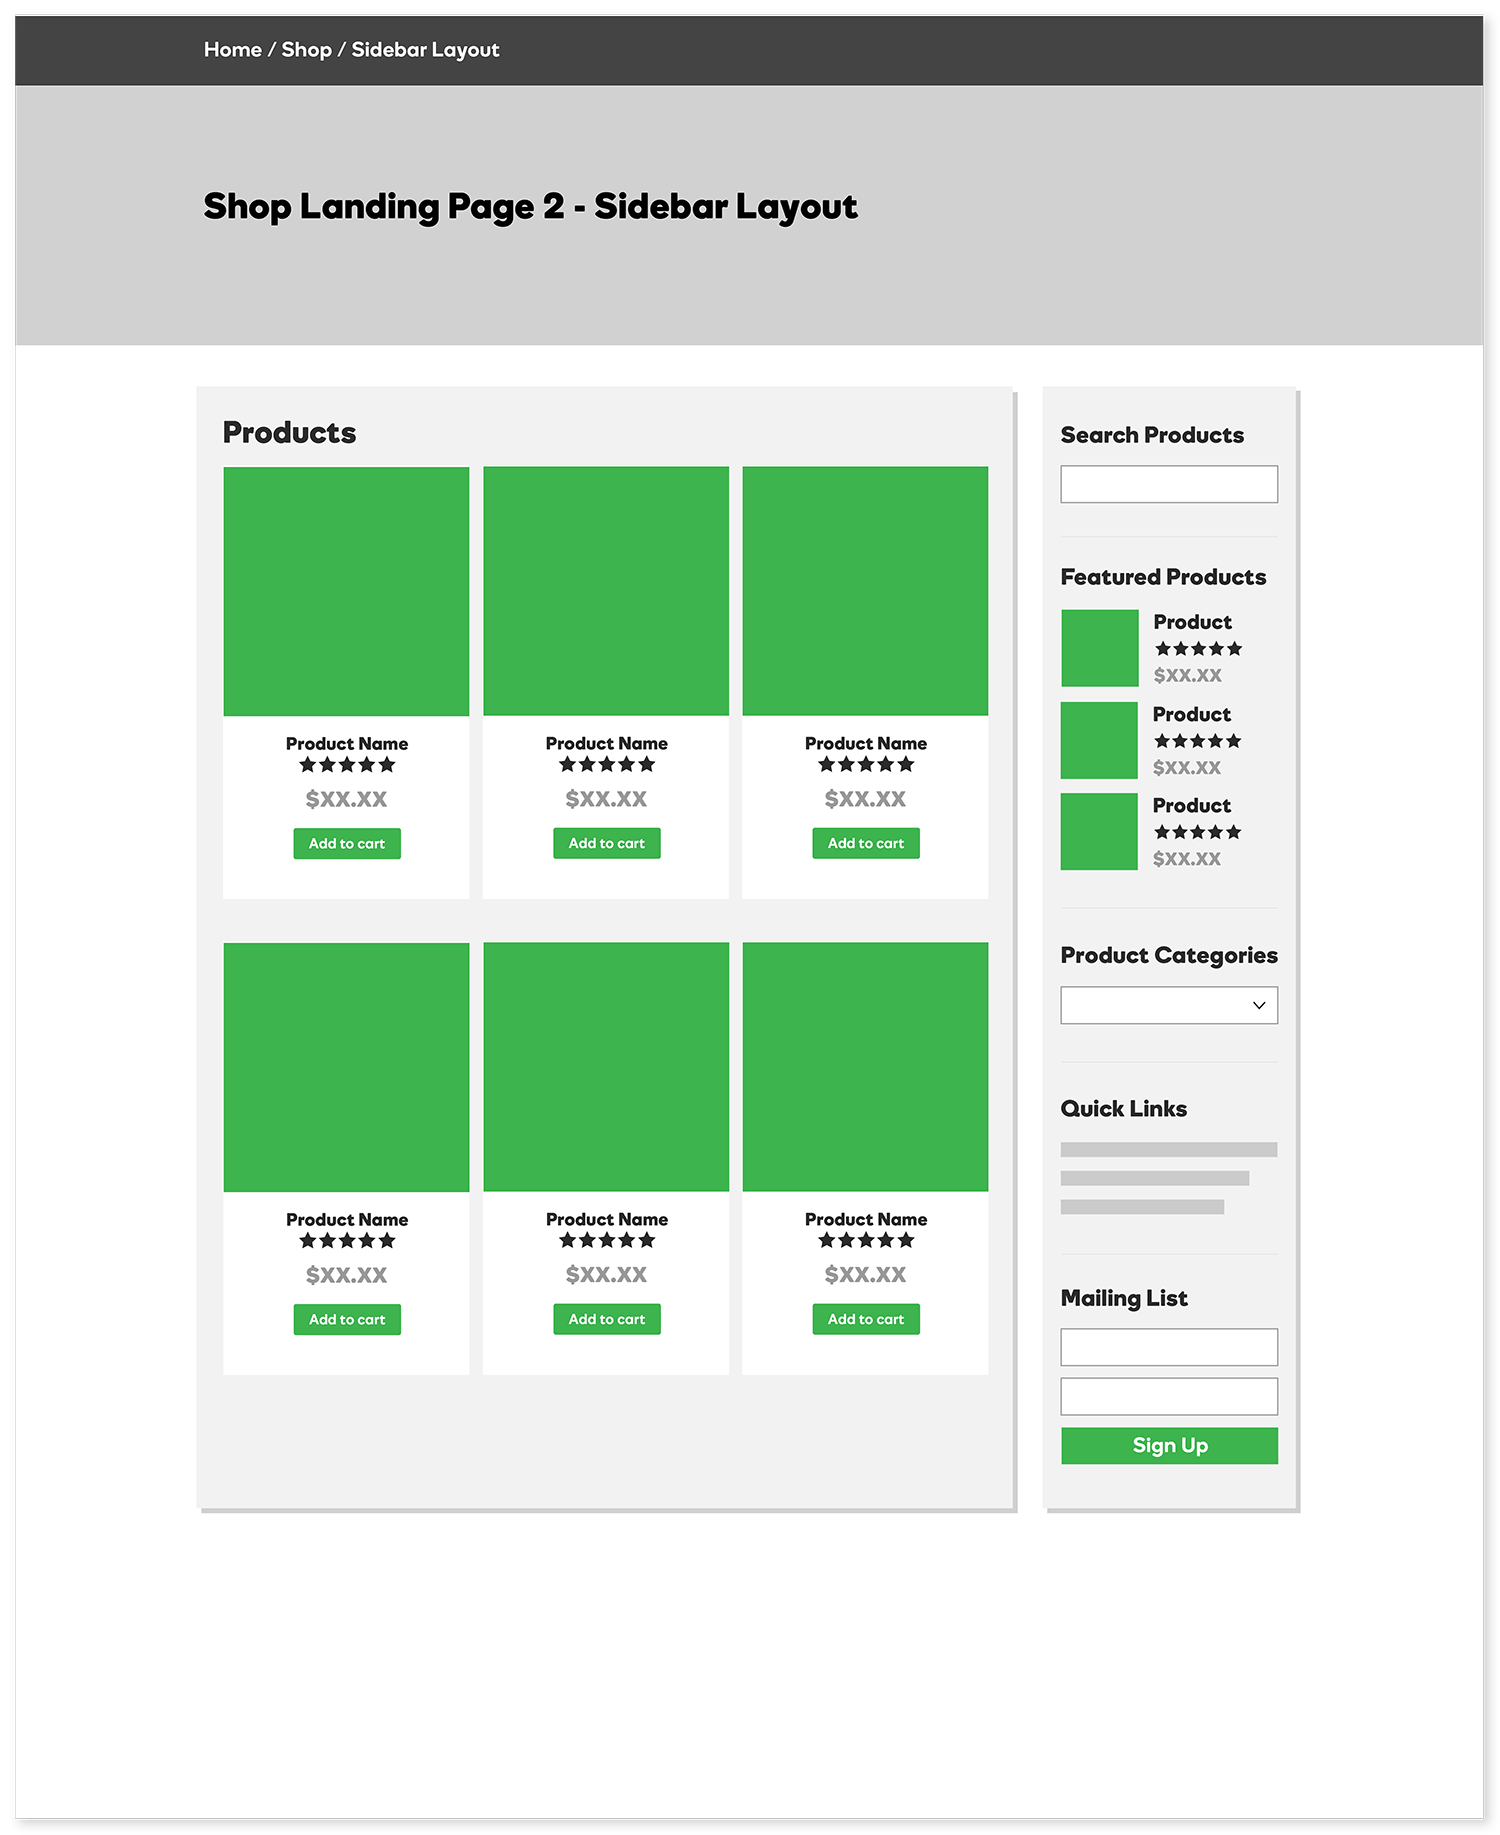 Shop Landing Page - Sidebar